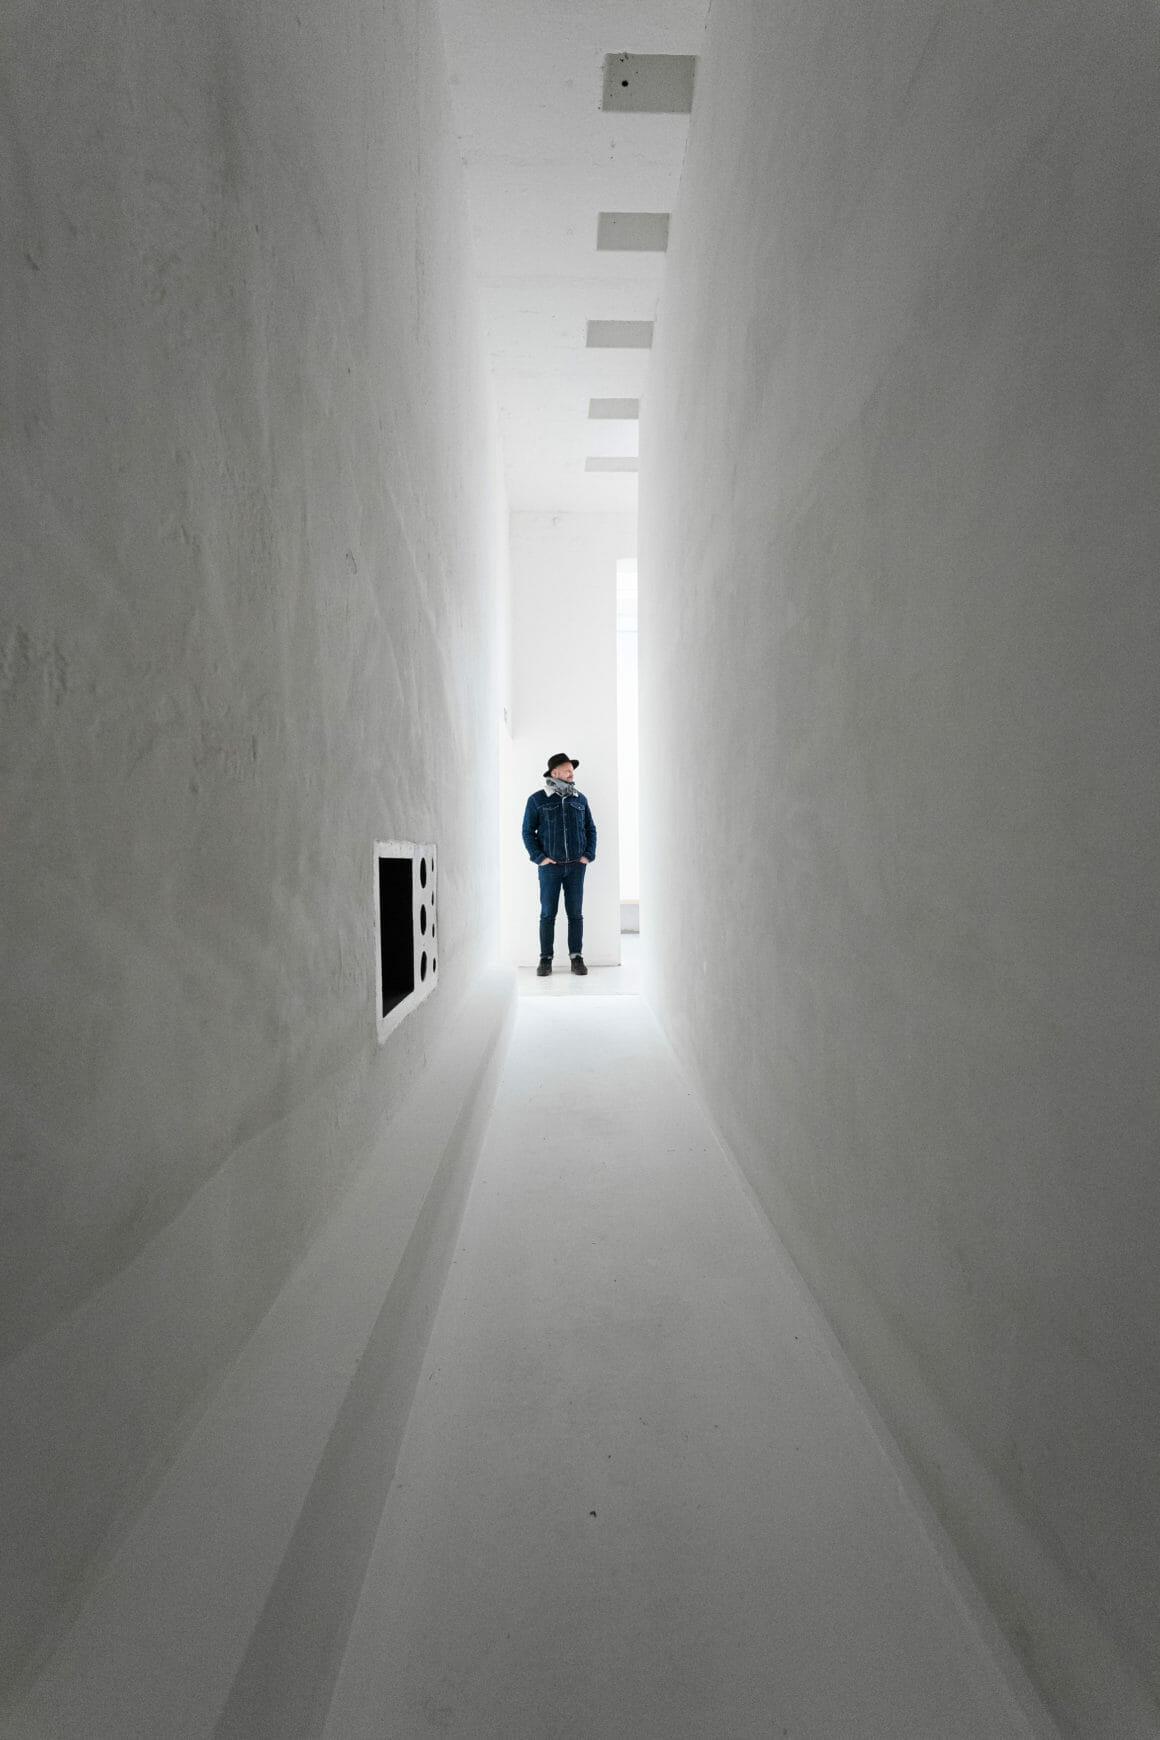 Photo d'un long couloir aux murs blancs au bout duquel il y a un homme